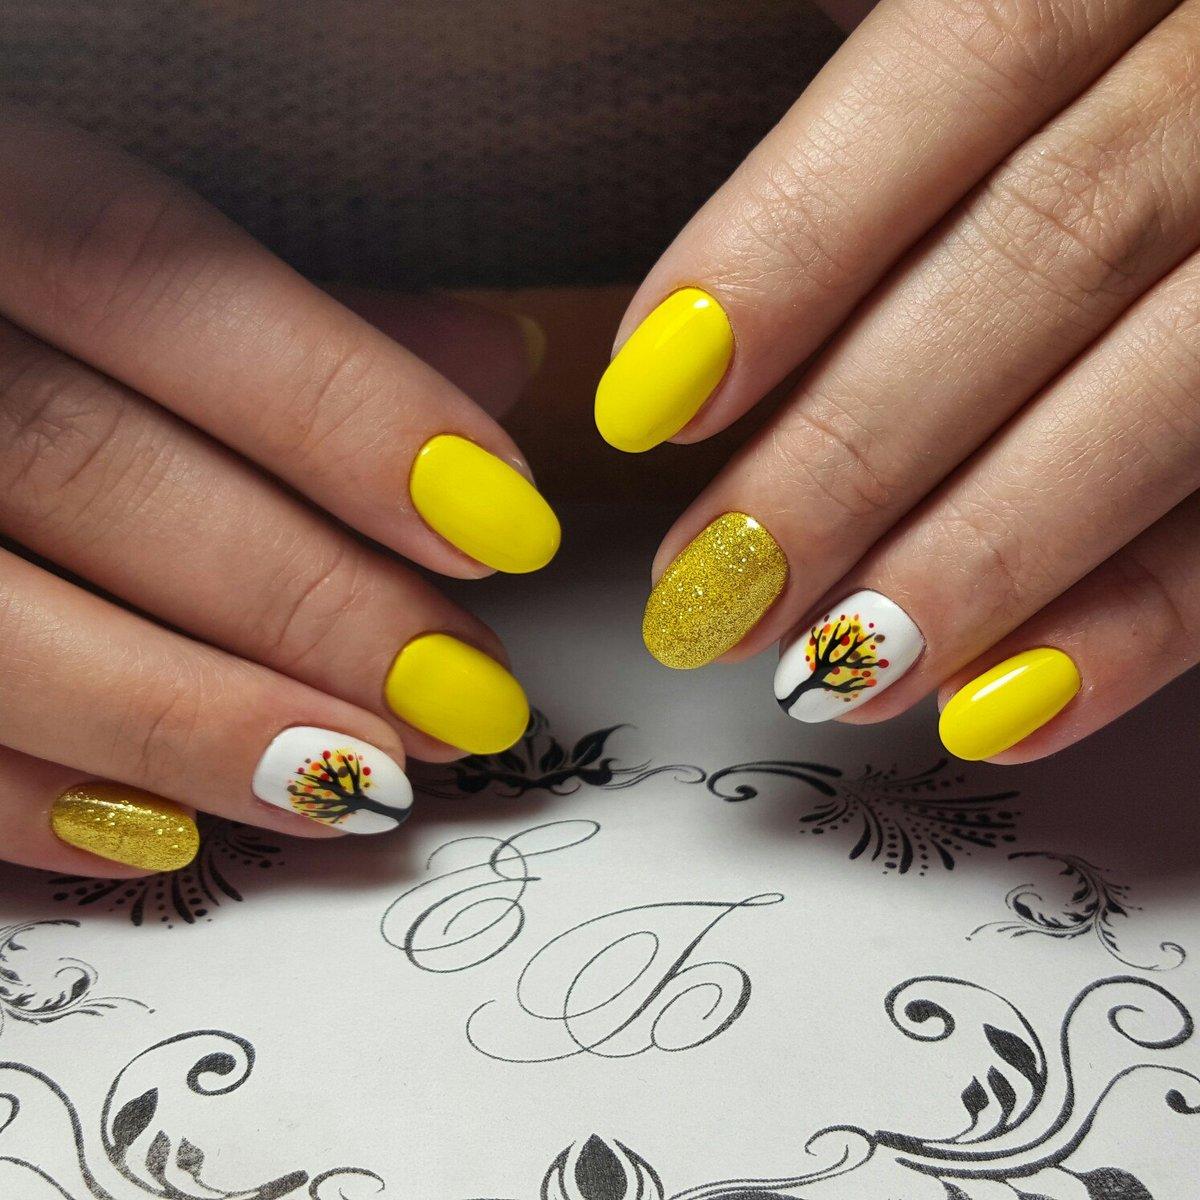 Гель лак желтый картинки